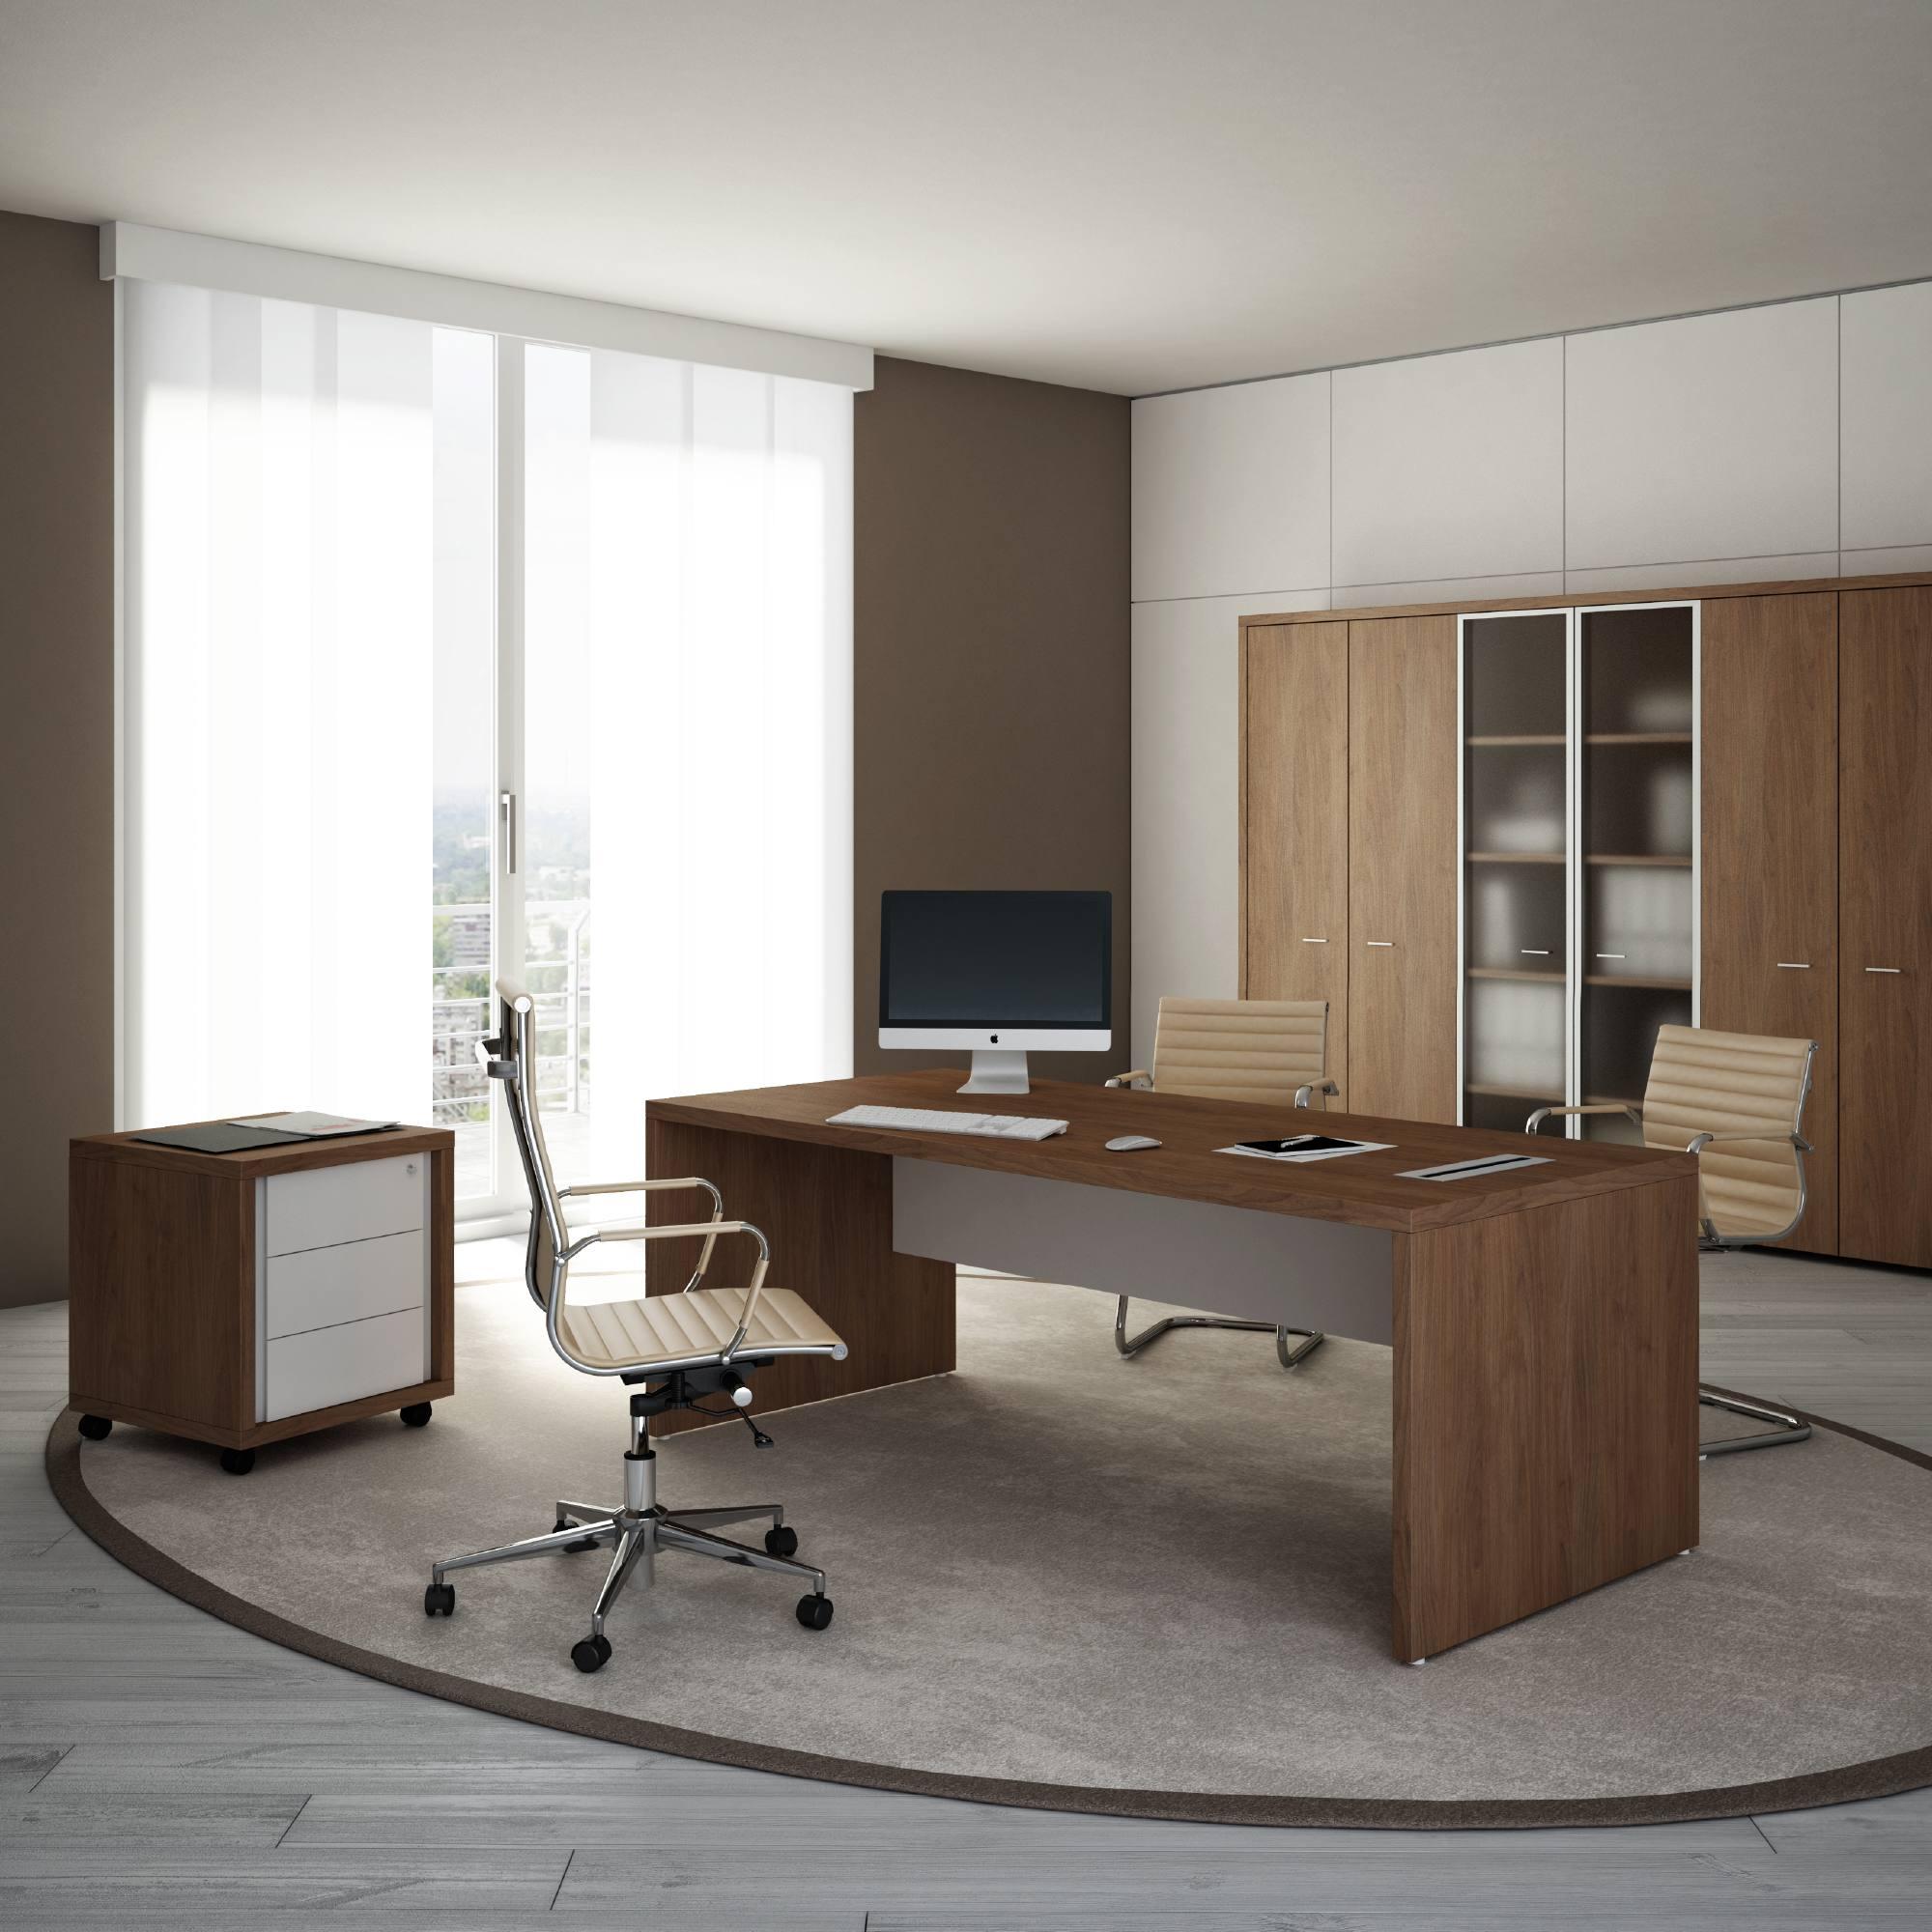 Mobili ufficio trento top martex martex with mobili for Mobili ufficio moderni